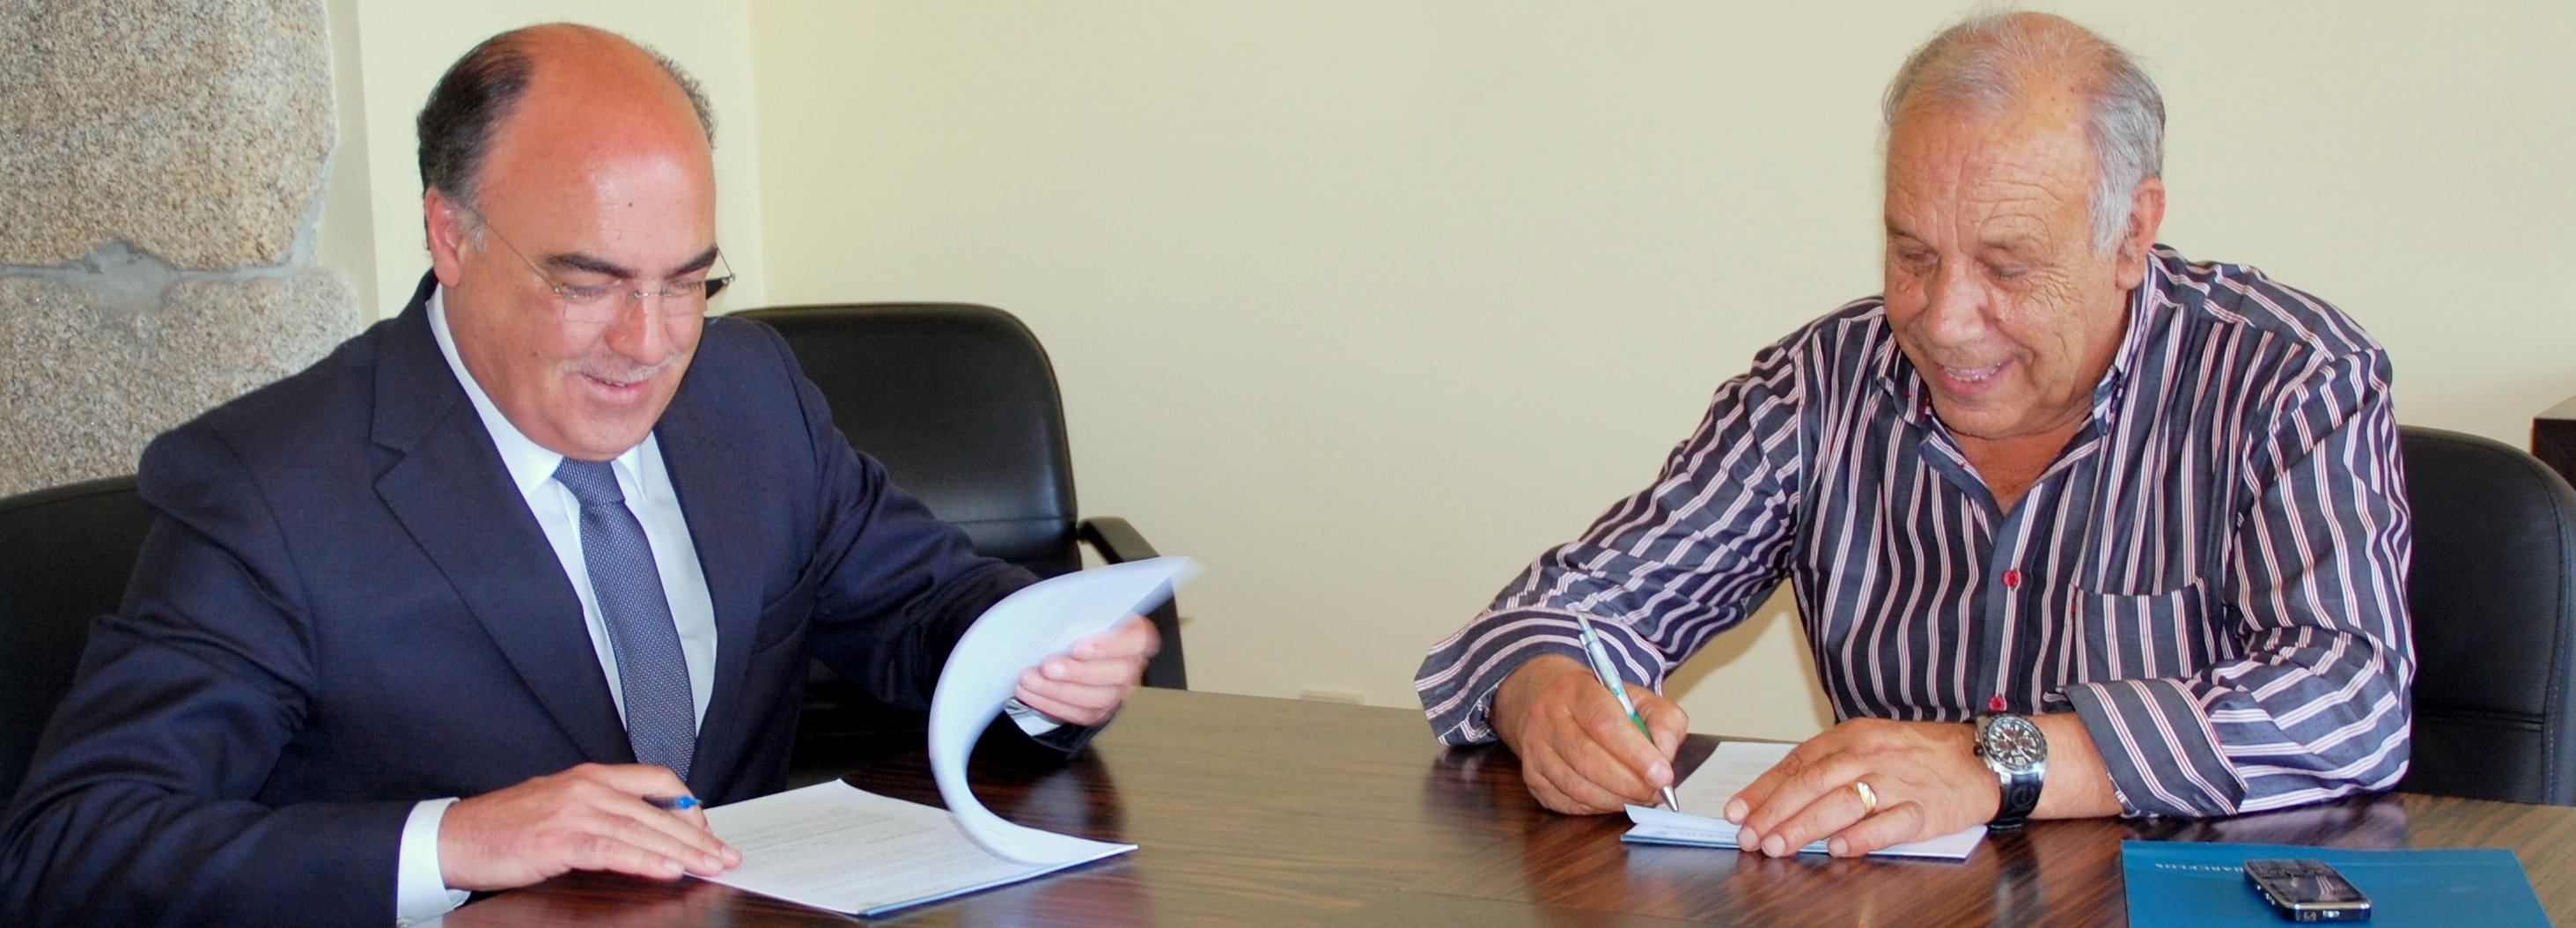 Presidente da Câmara assina protocolo com Centro Social de S. Veríssimo